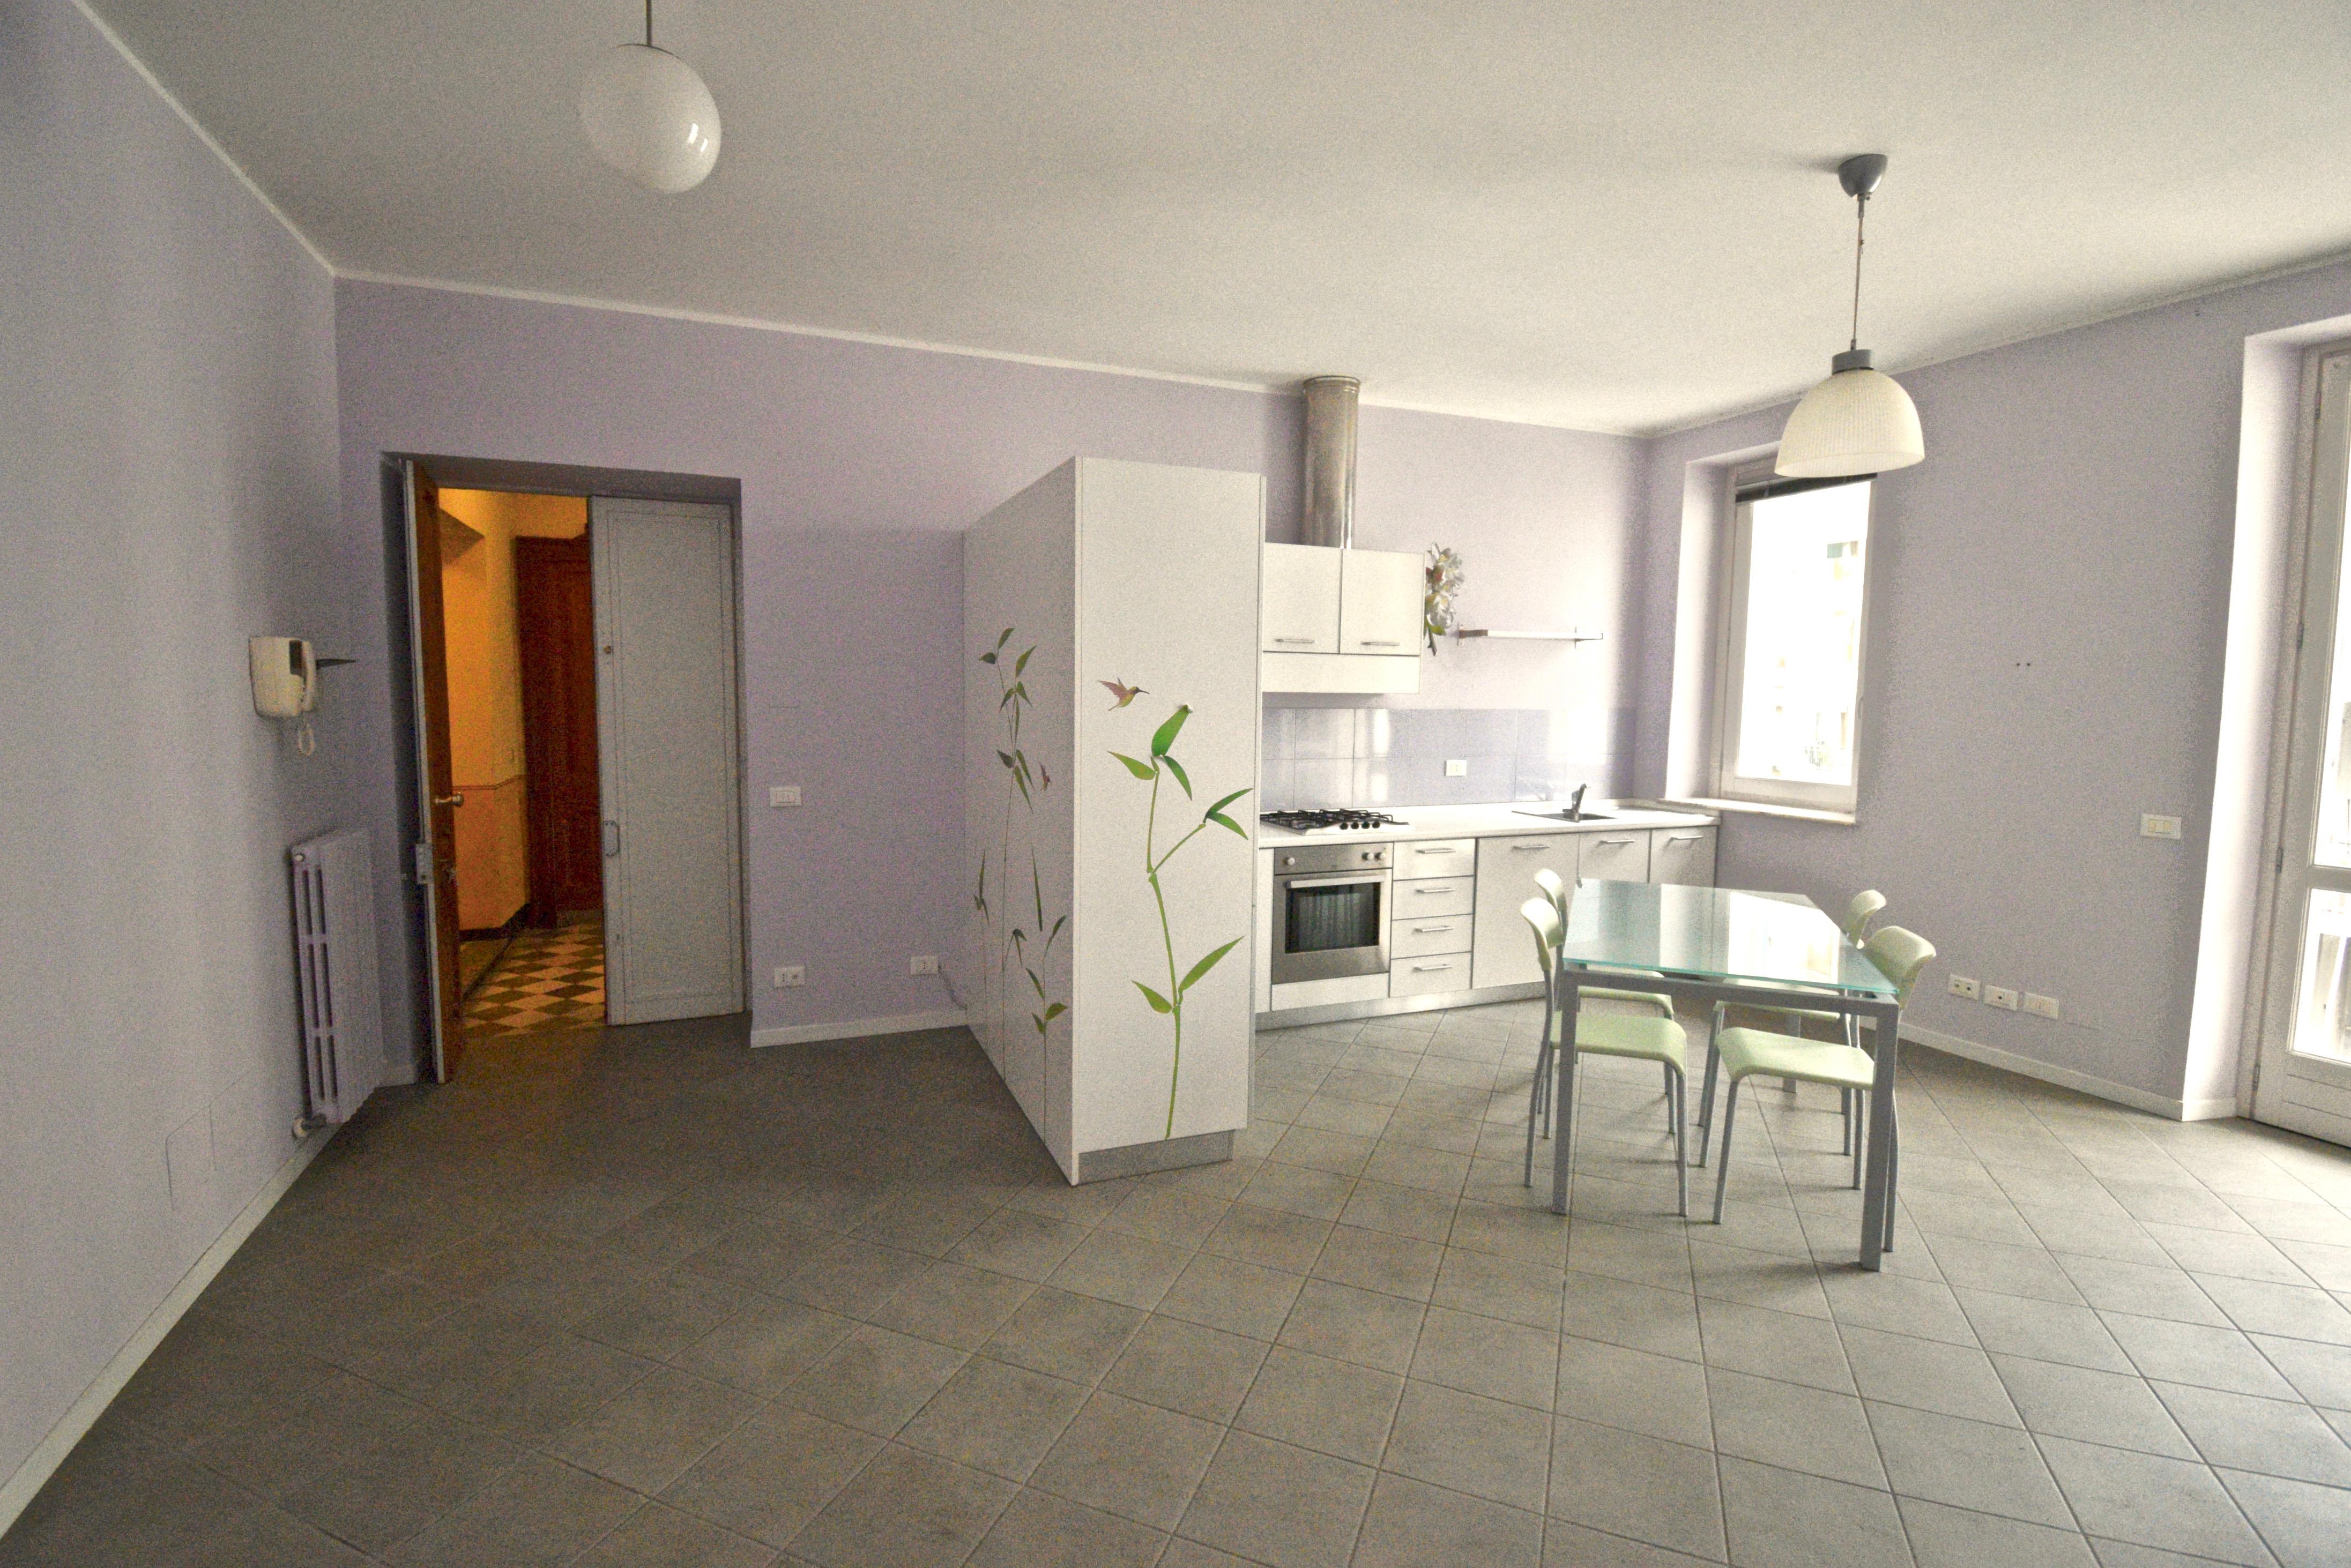 Biella via torino appartamento arredato in affitto mosca for Appartamento design torino affitto